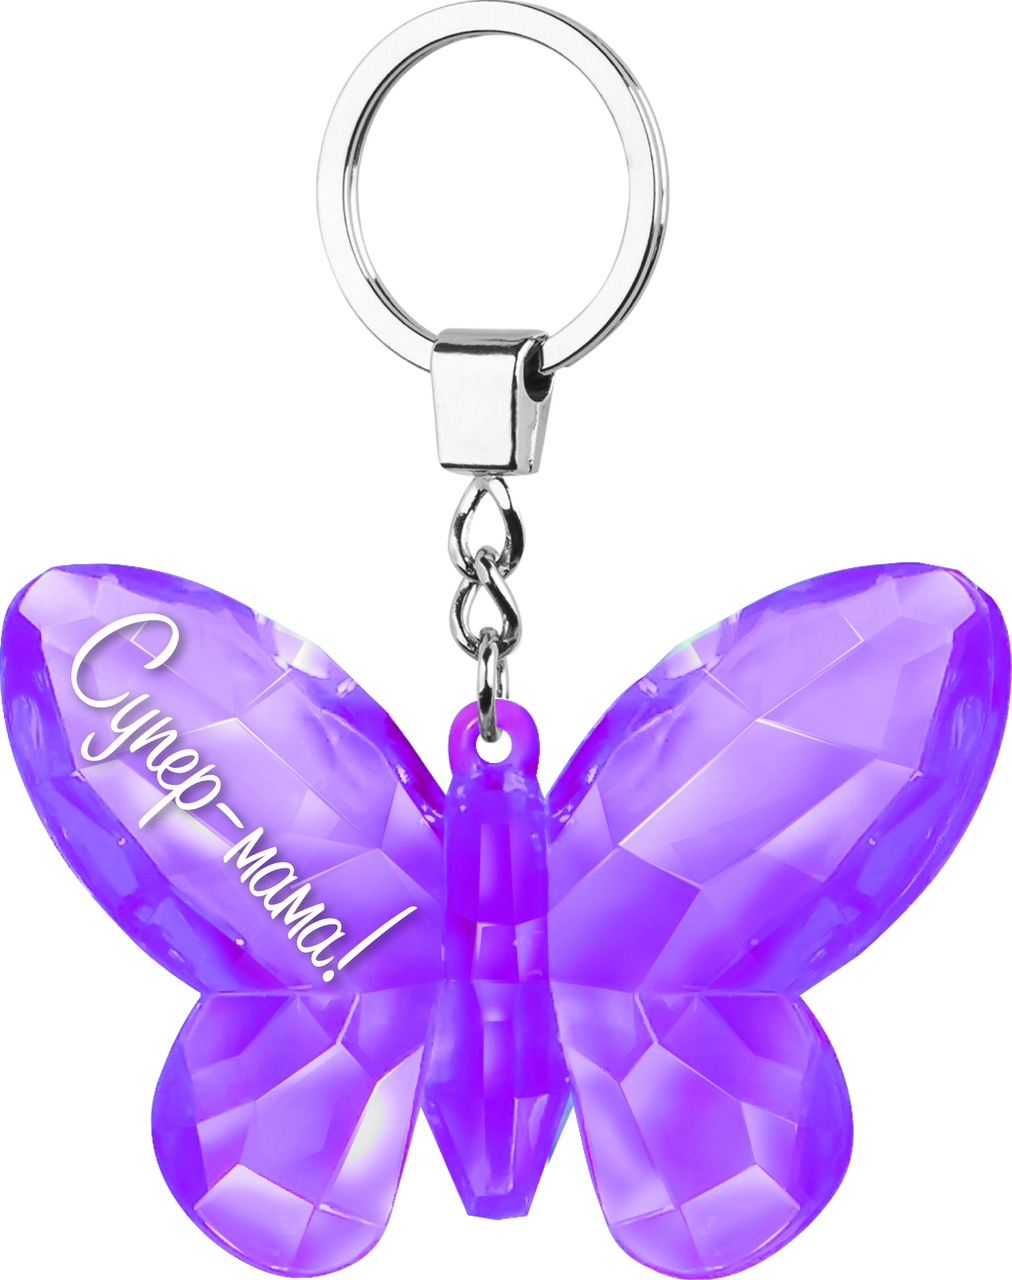 Брелок Би-Хэппи Бабочка. Супер мама, цвет: фиолетовыйПолимерБрелок на ключи в виде бабочки придётся по вкусу очаровательной моднице. Он имеет яркое исполнение и оригинальную надпись - Супер мама, которая подчеркнёт индивидуальность.